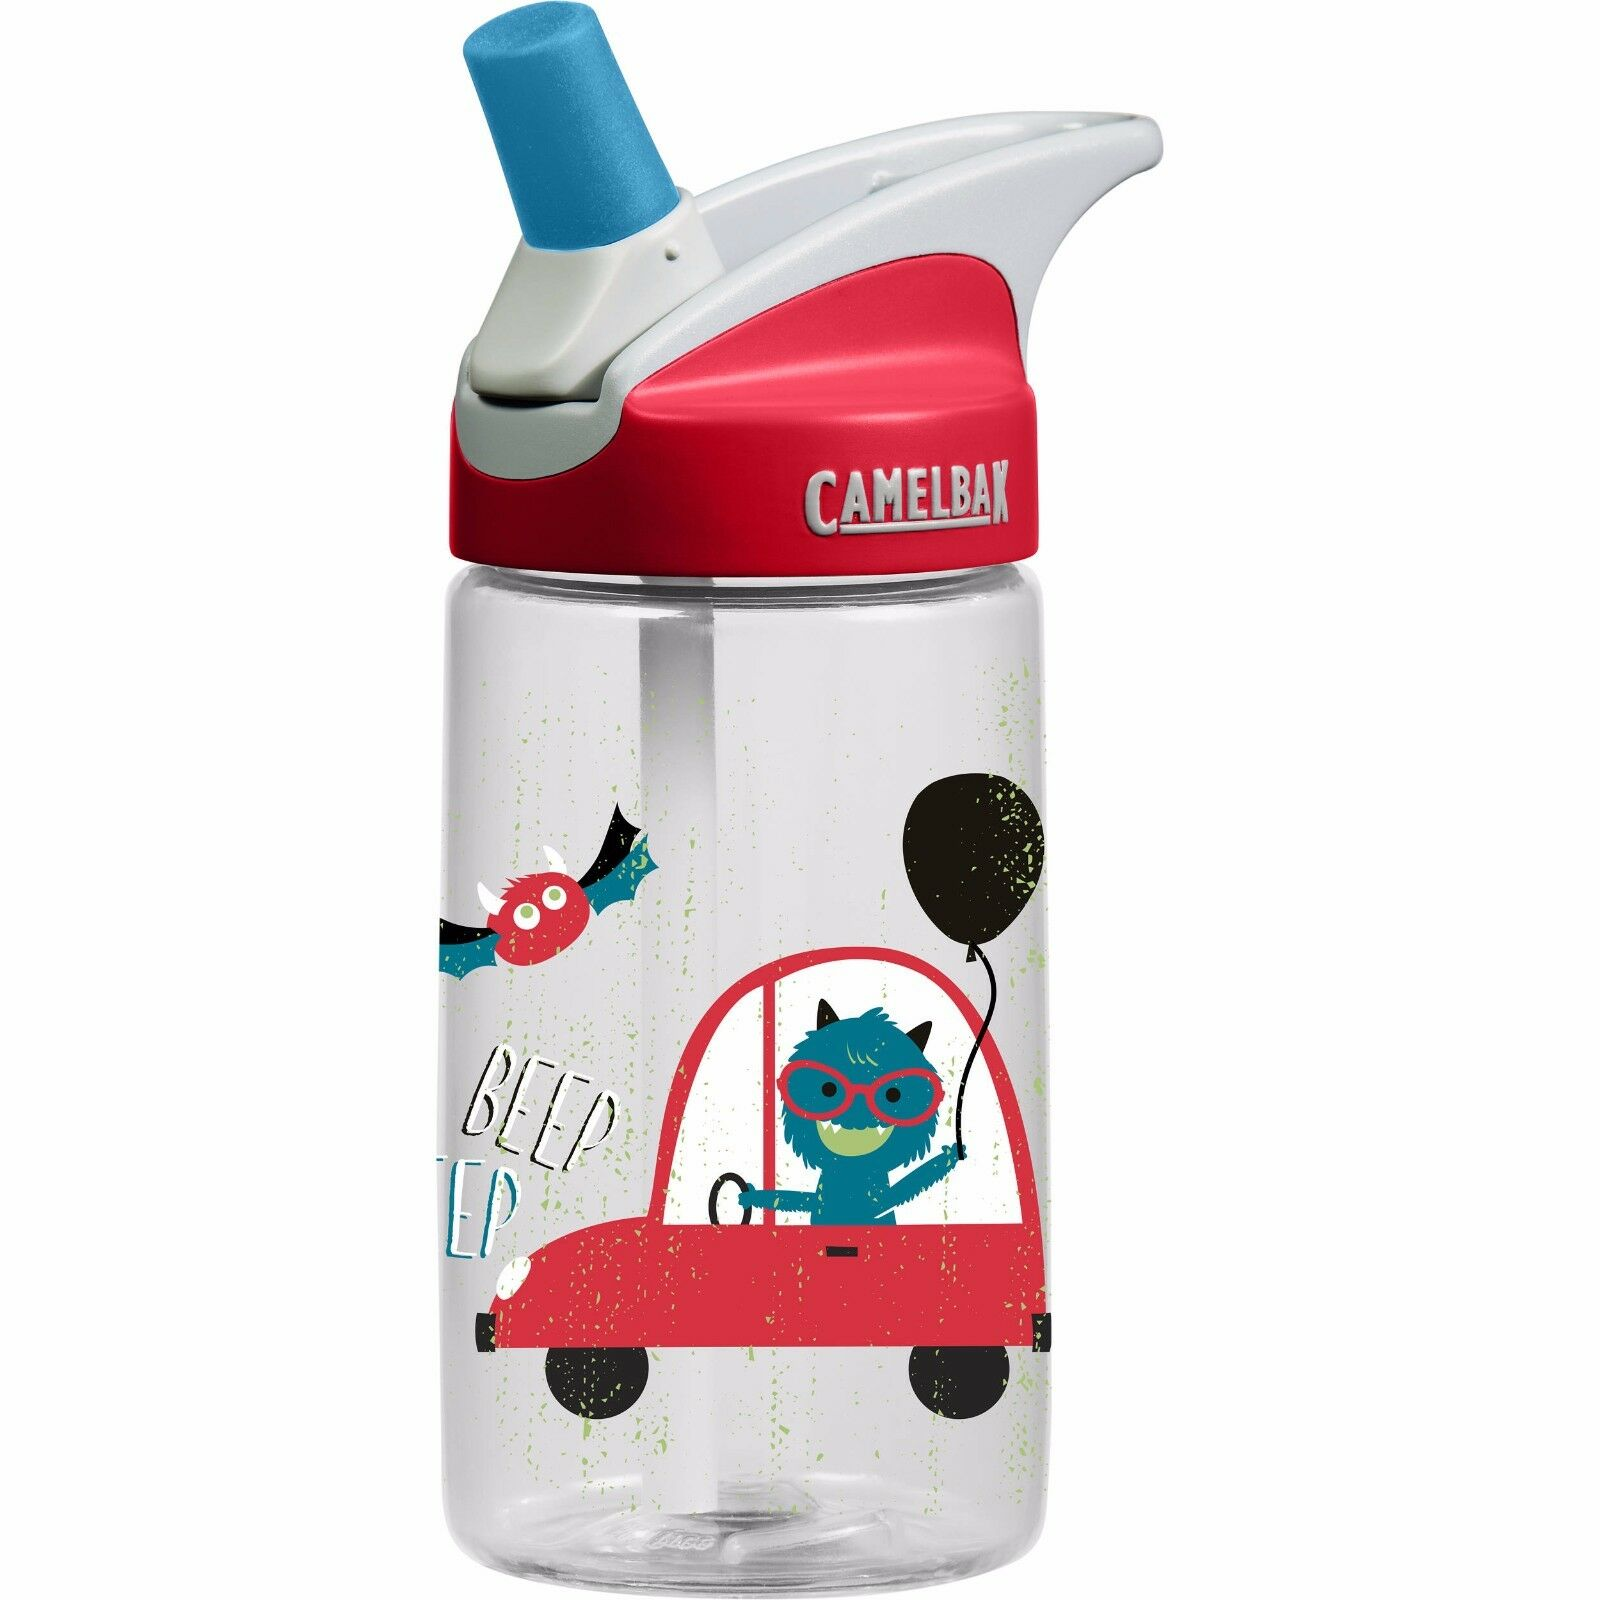 CamelBak Eddy 0.4 Liter Kids Water Bottle - Rad Monster